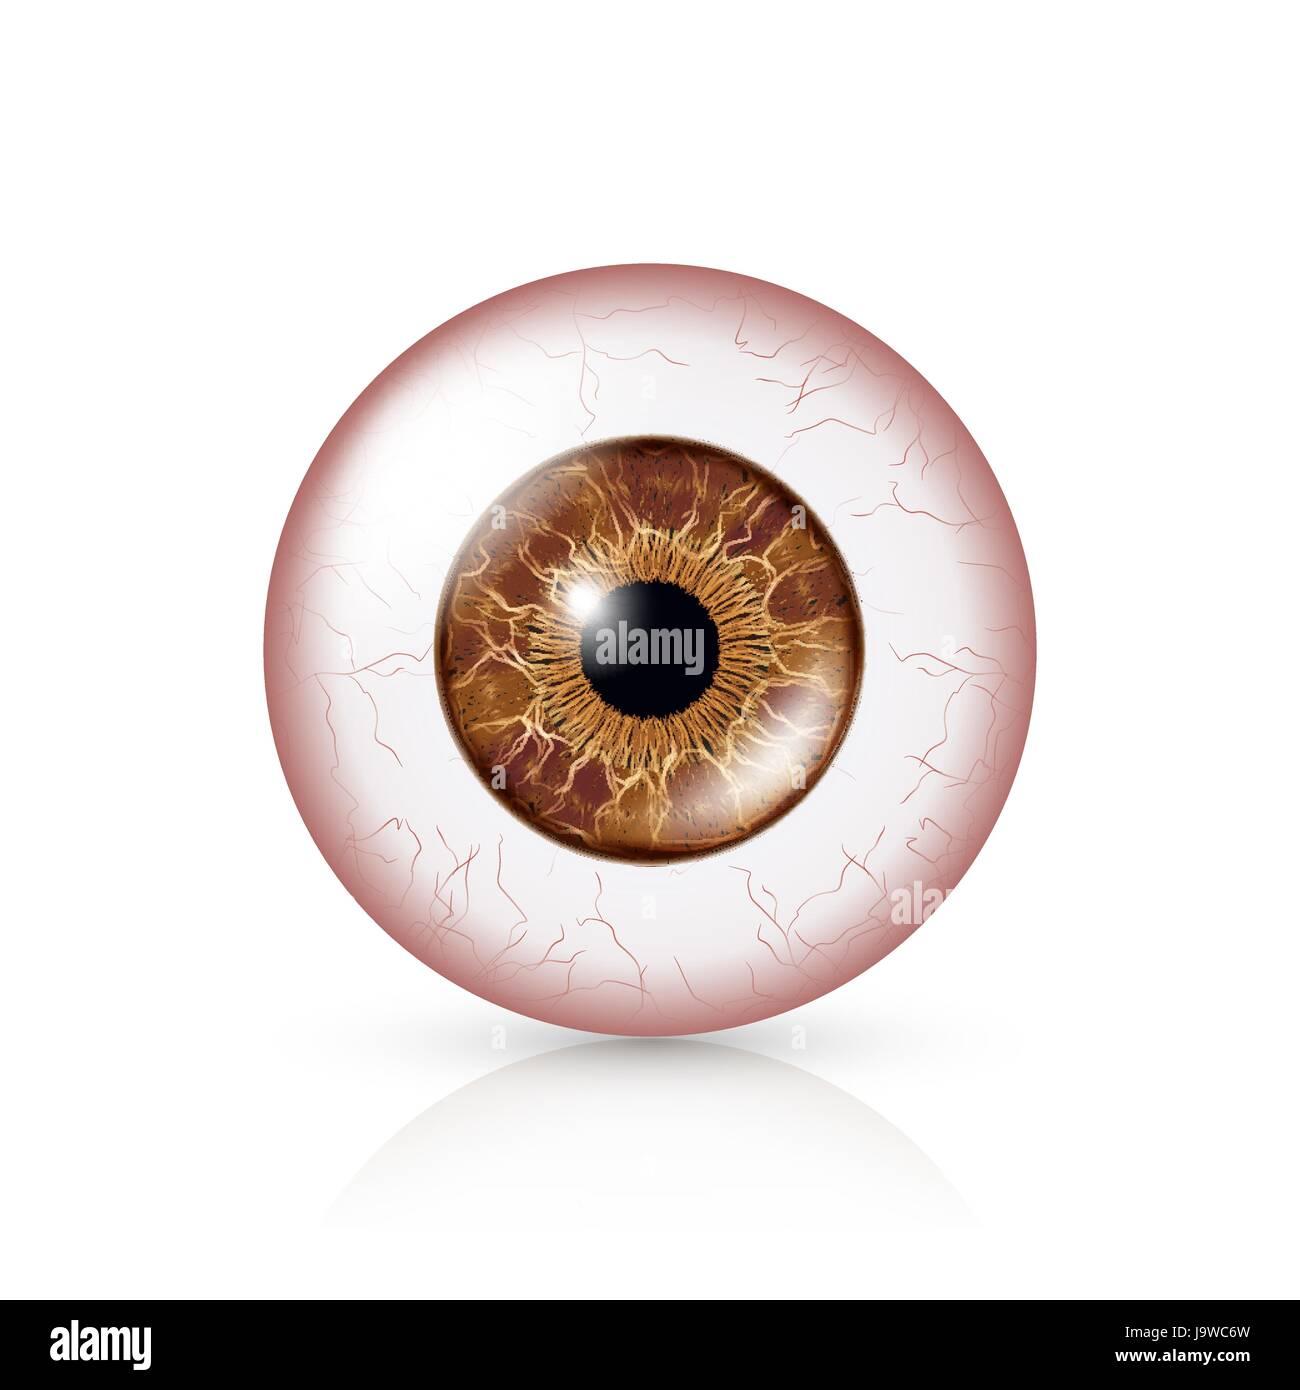 Bindehautentzündung. Rote Augen. Menschlichen Augapfel mit ...